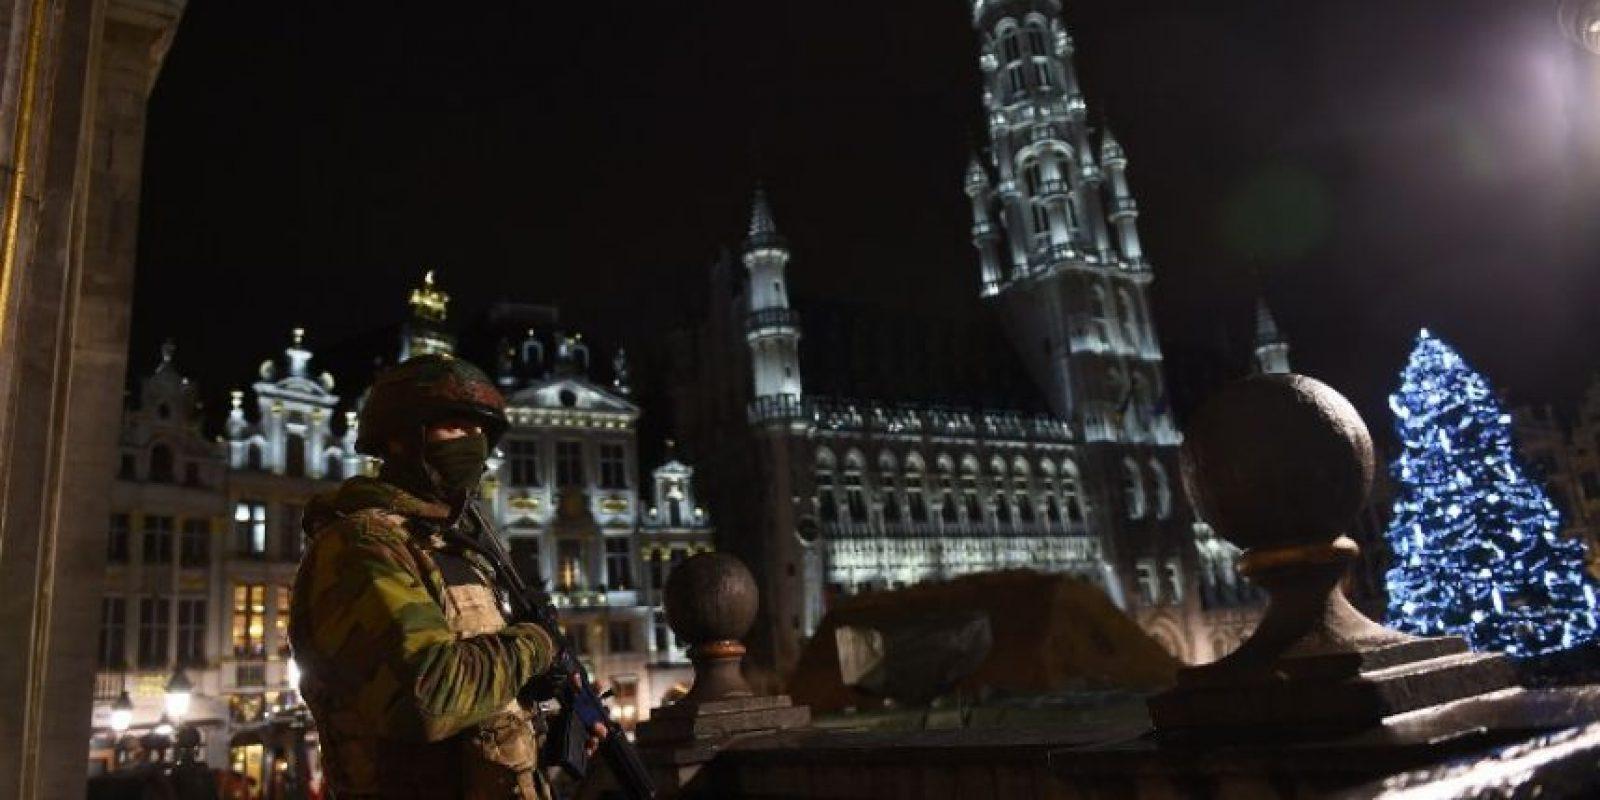 Bélgica esta en búsqueda de dos terroristas prófugos vinculados con los atentados en París Foto:AFP